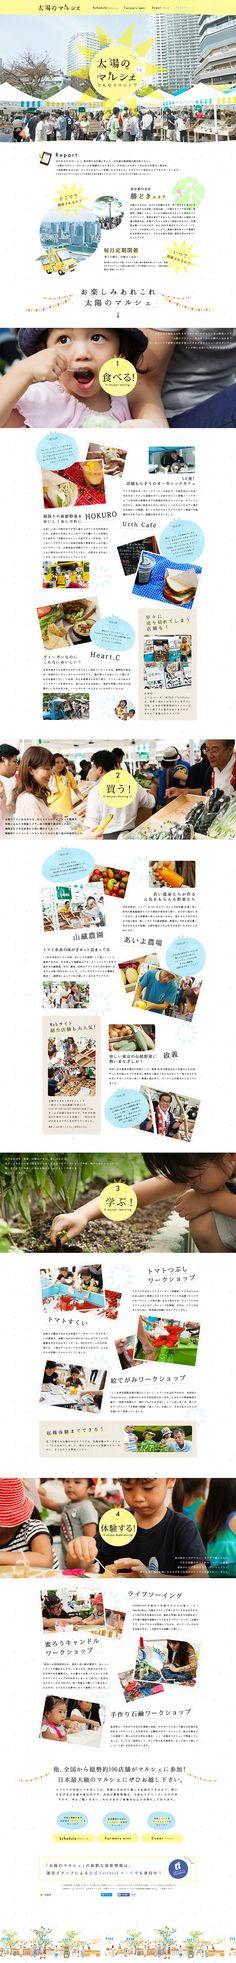 日本最大級規模の定期開催型マルシェである「太陽のマルシェ」。「食べる・買う・学ぶ・体験」ができる新しい都市型マルシェの情報を随時更新中。